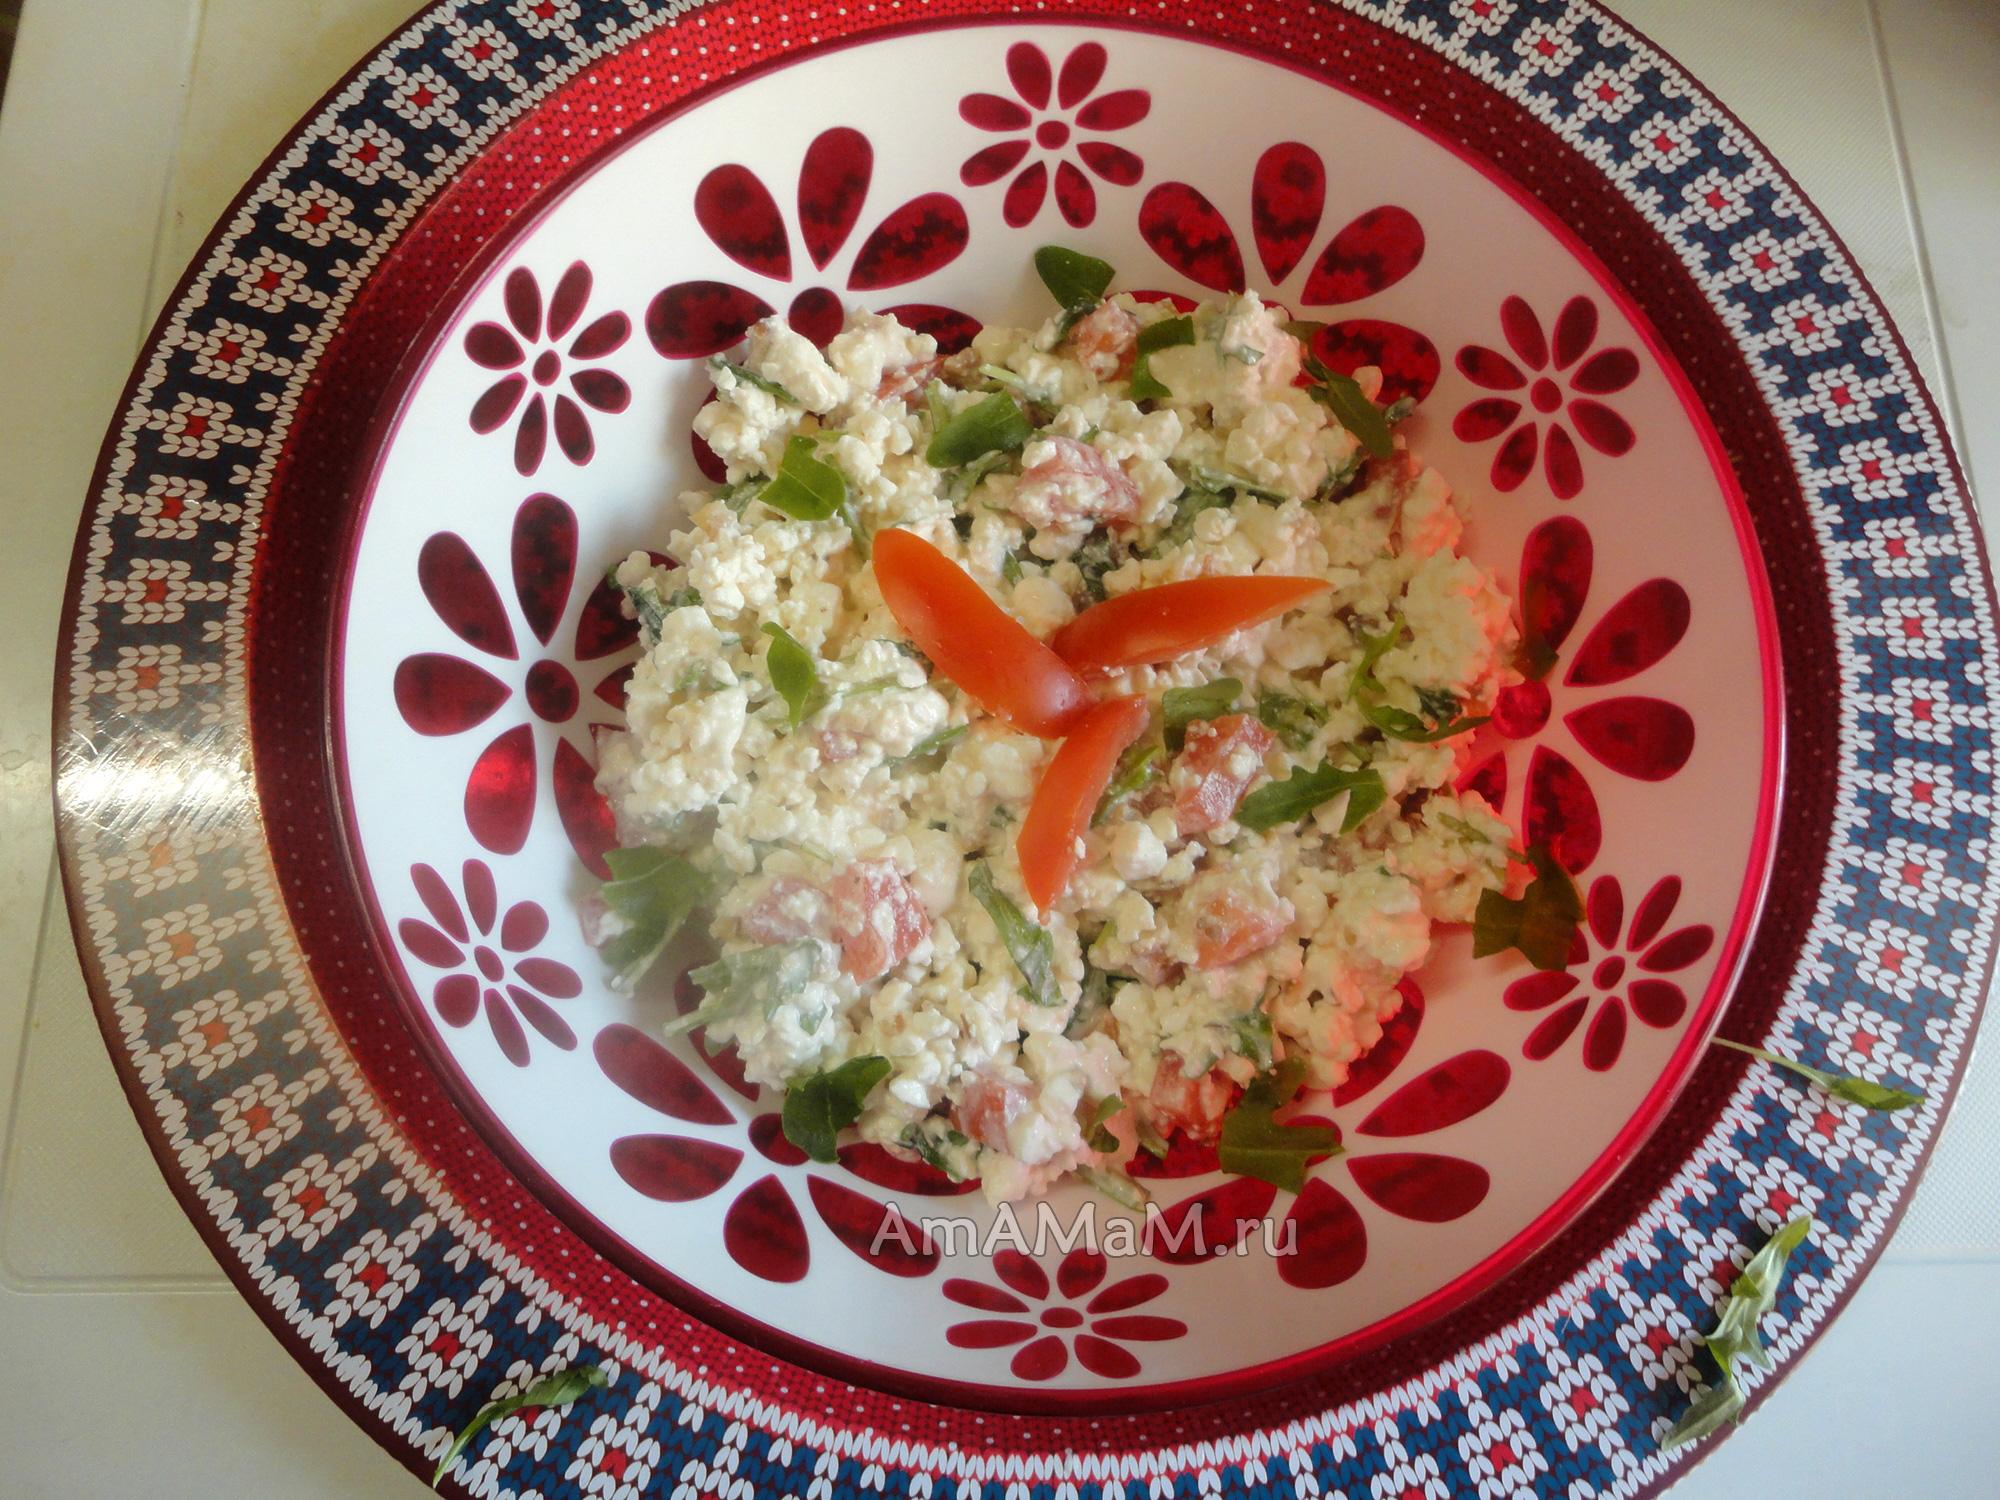 Руккола - рецепты салатов, вариант с творогом и помидорами